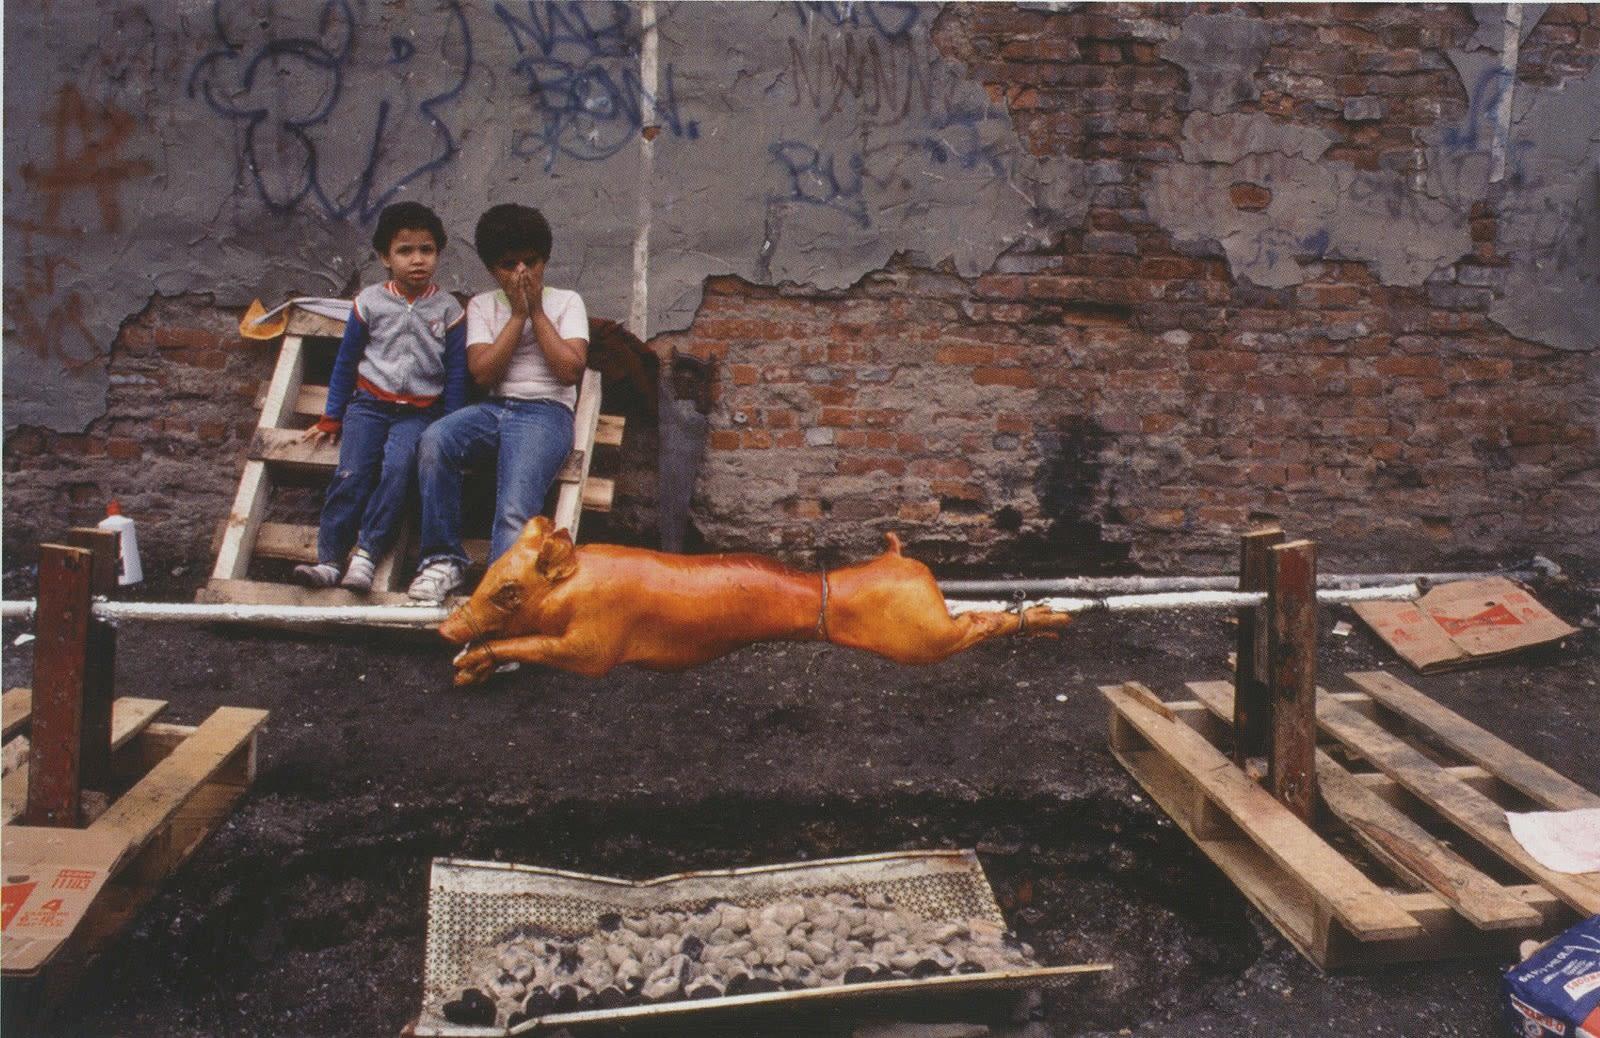 Arlene Gottfried Summer Afternoon Cibachrome, tirage d'époque réalisé par David Gray Dim. papier: 28 x 35,5 cm